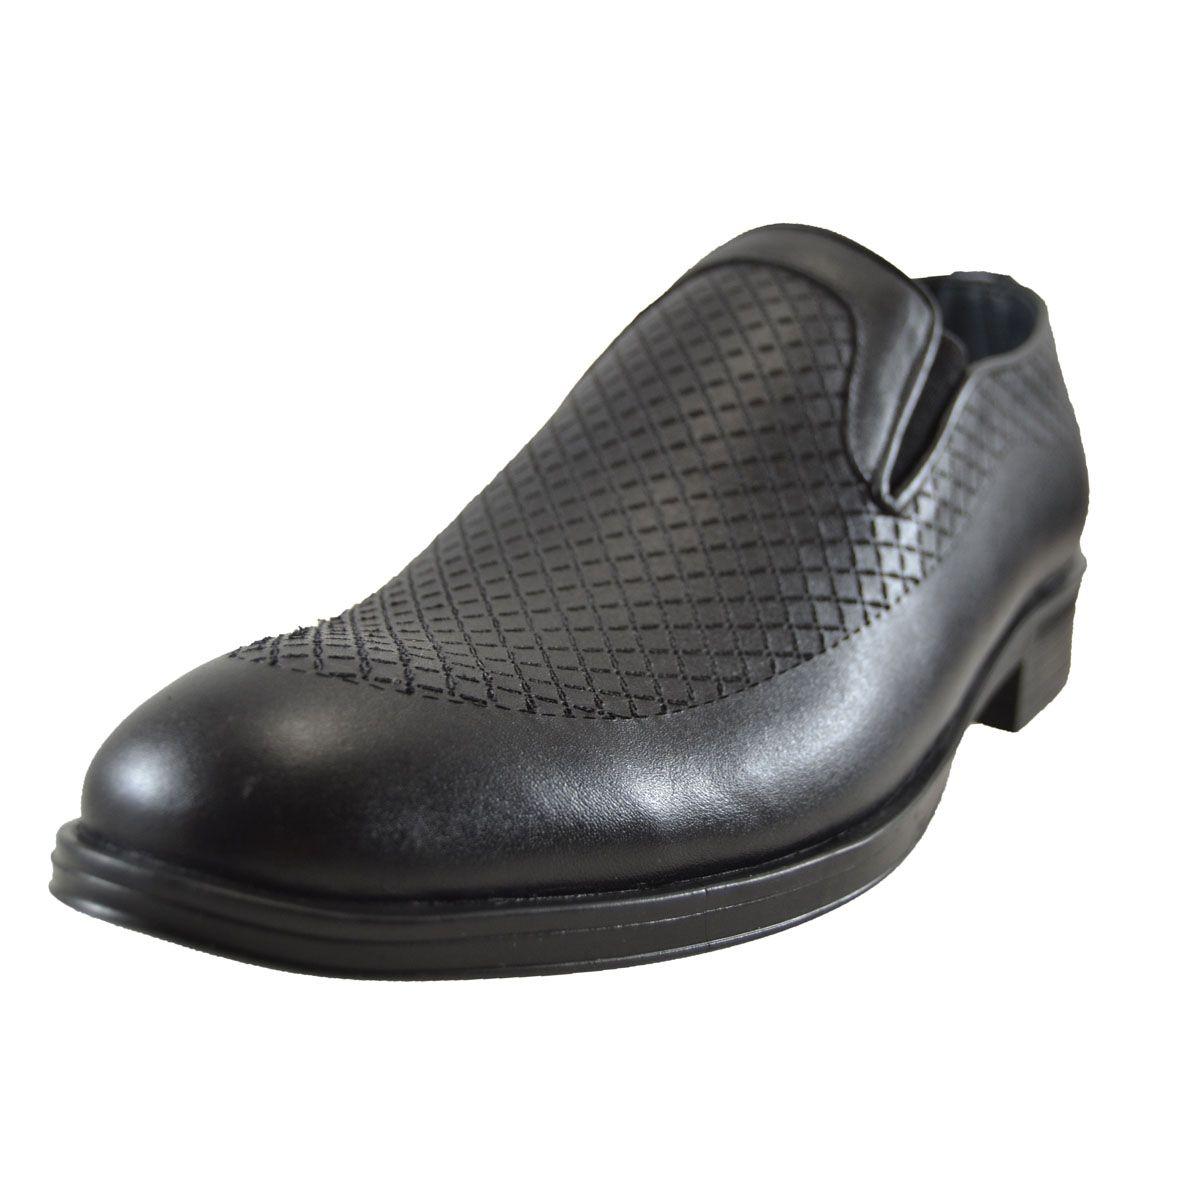 کفش مردانه کد 234 -  - 6